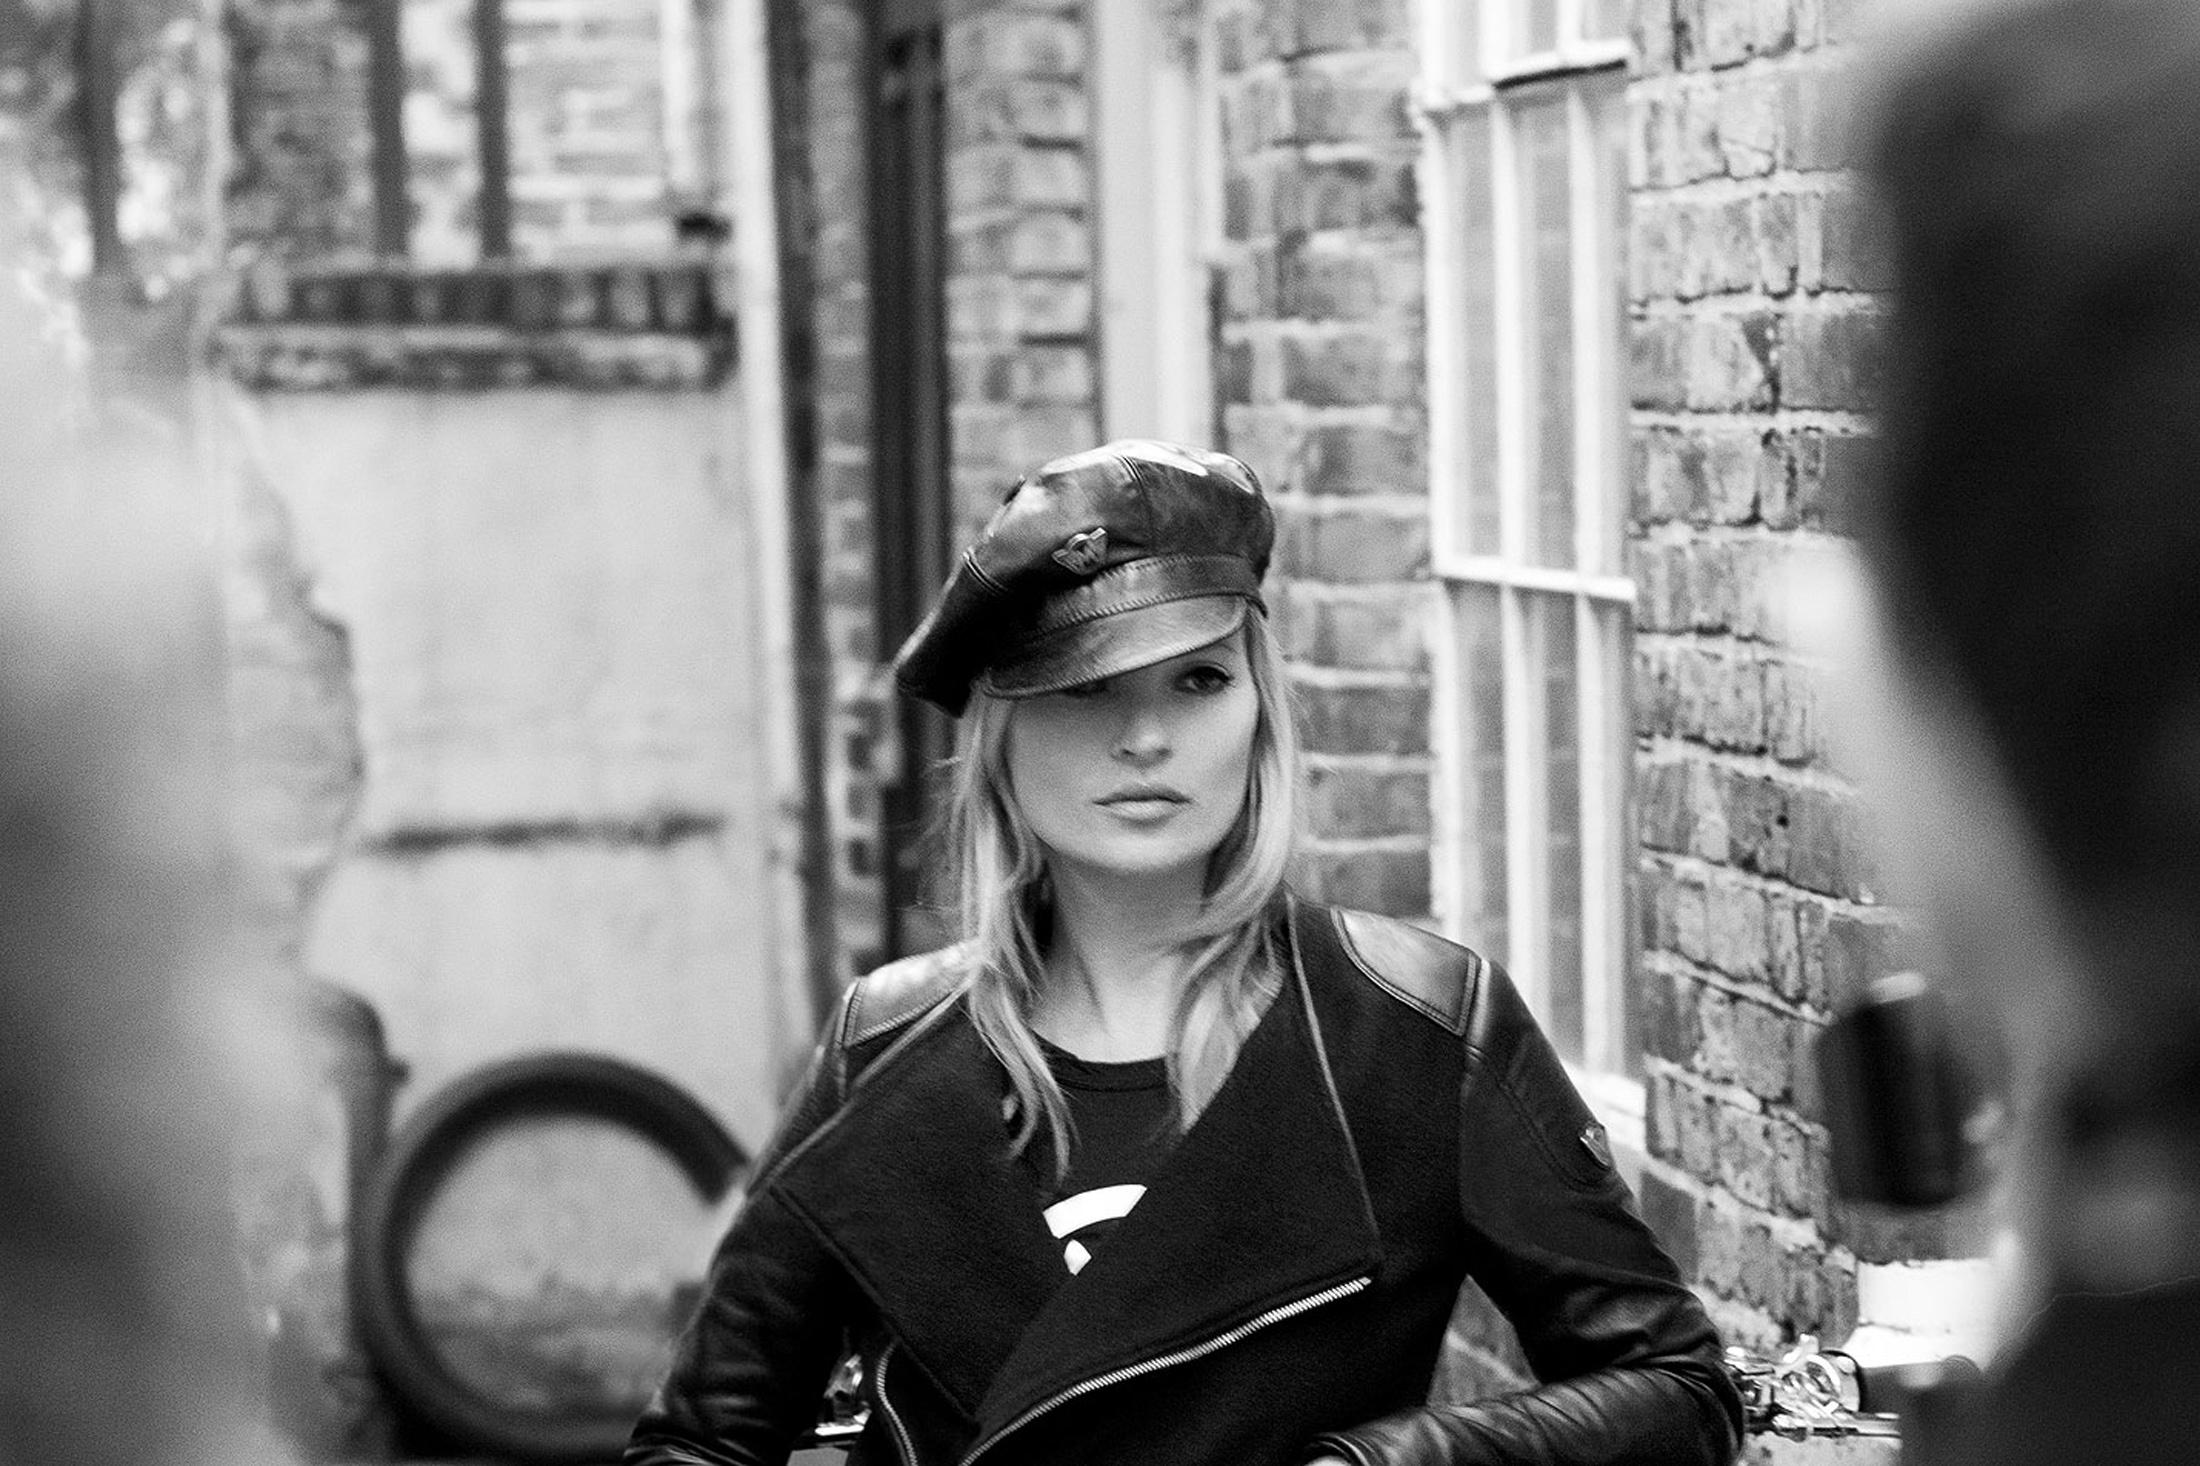 Fotografie alb-negru cu Kate Moss în care modelul poartă o șapcă elegantă și o geacă neagră de piele